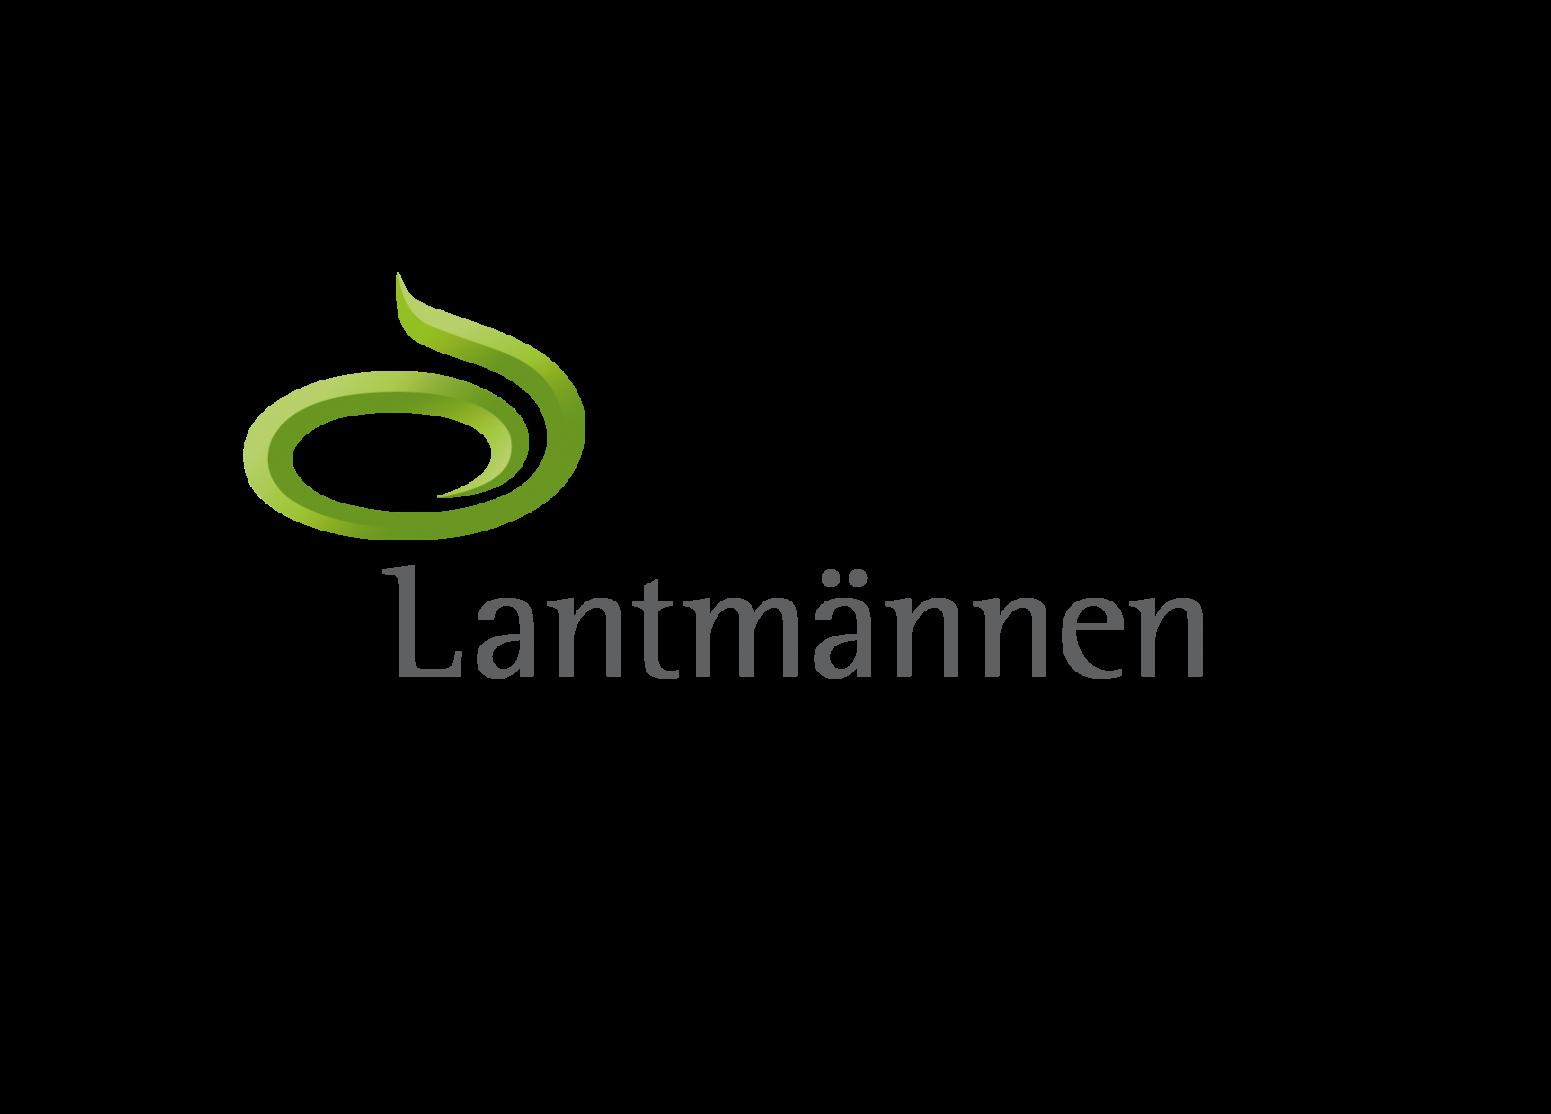 lantmannen_logo-1551x1114